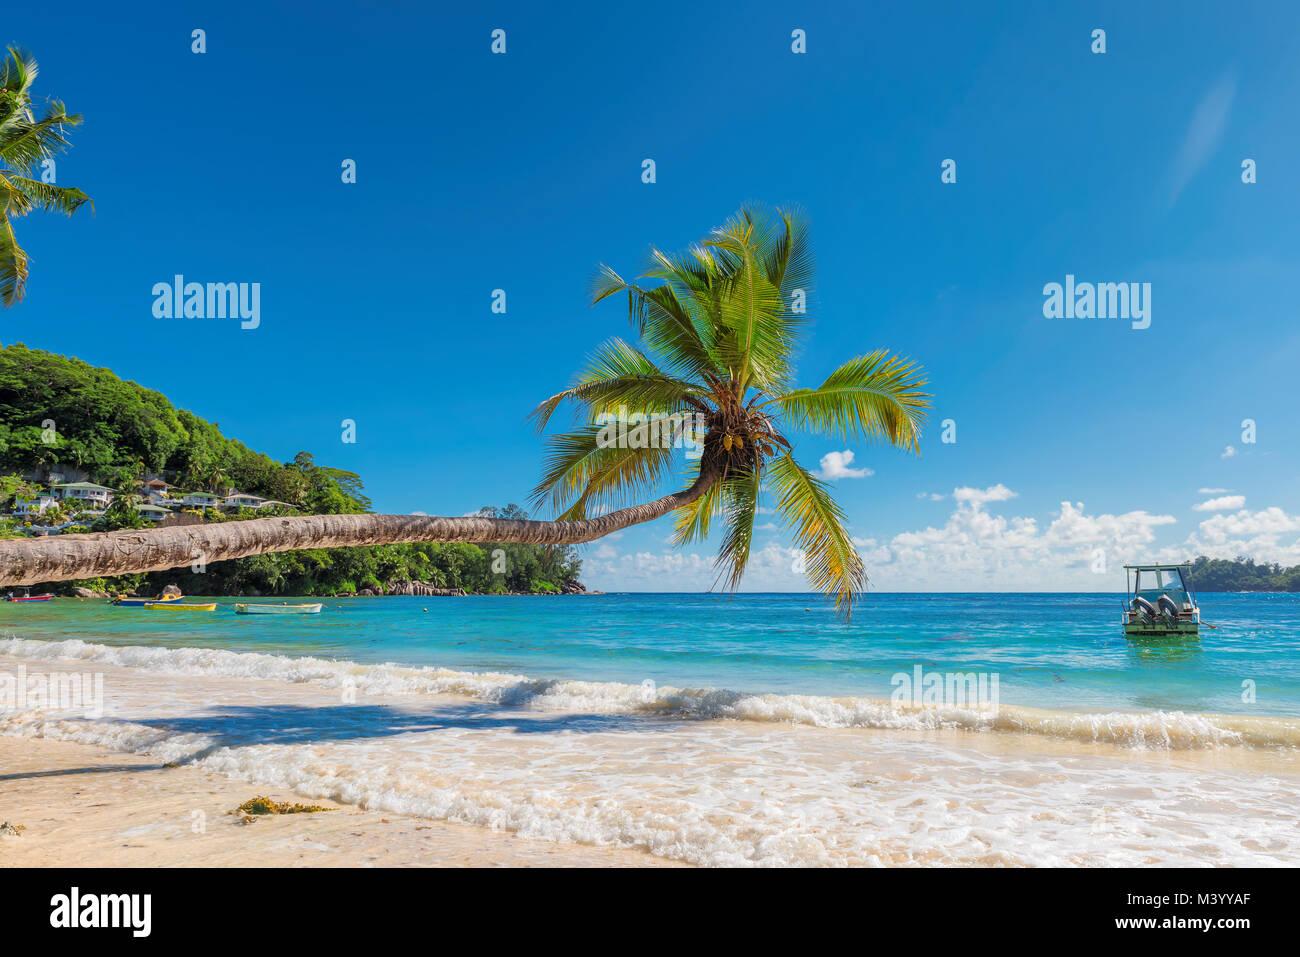 Arbre généalogique de cocotiers sur la plage de sable Photo Stock